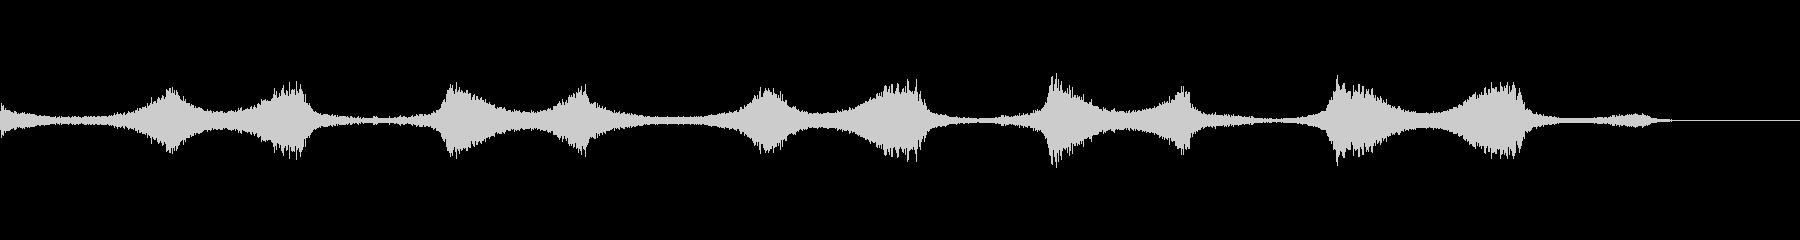 風のようなSweep系効果音の未再生の波形